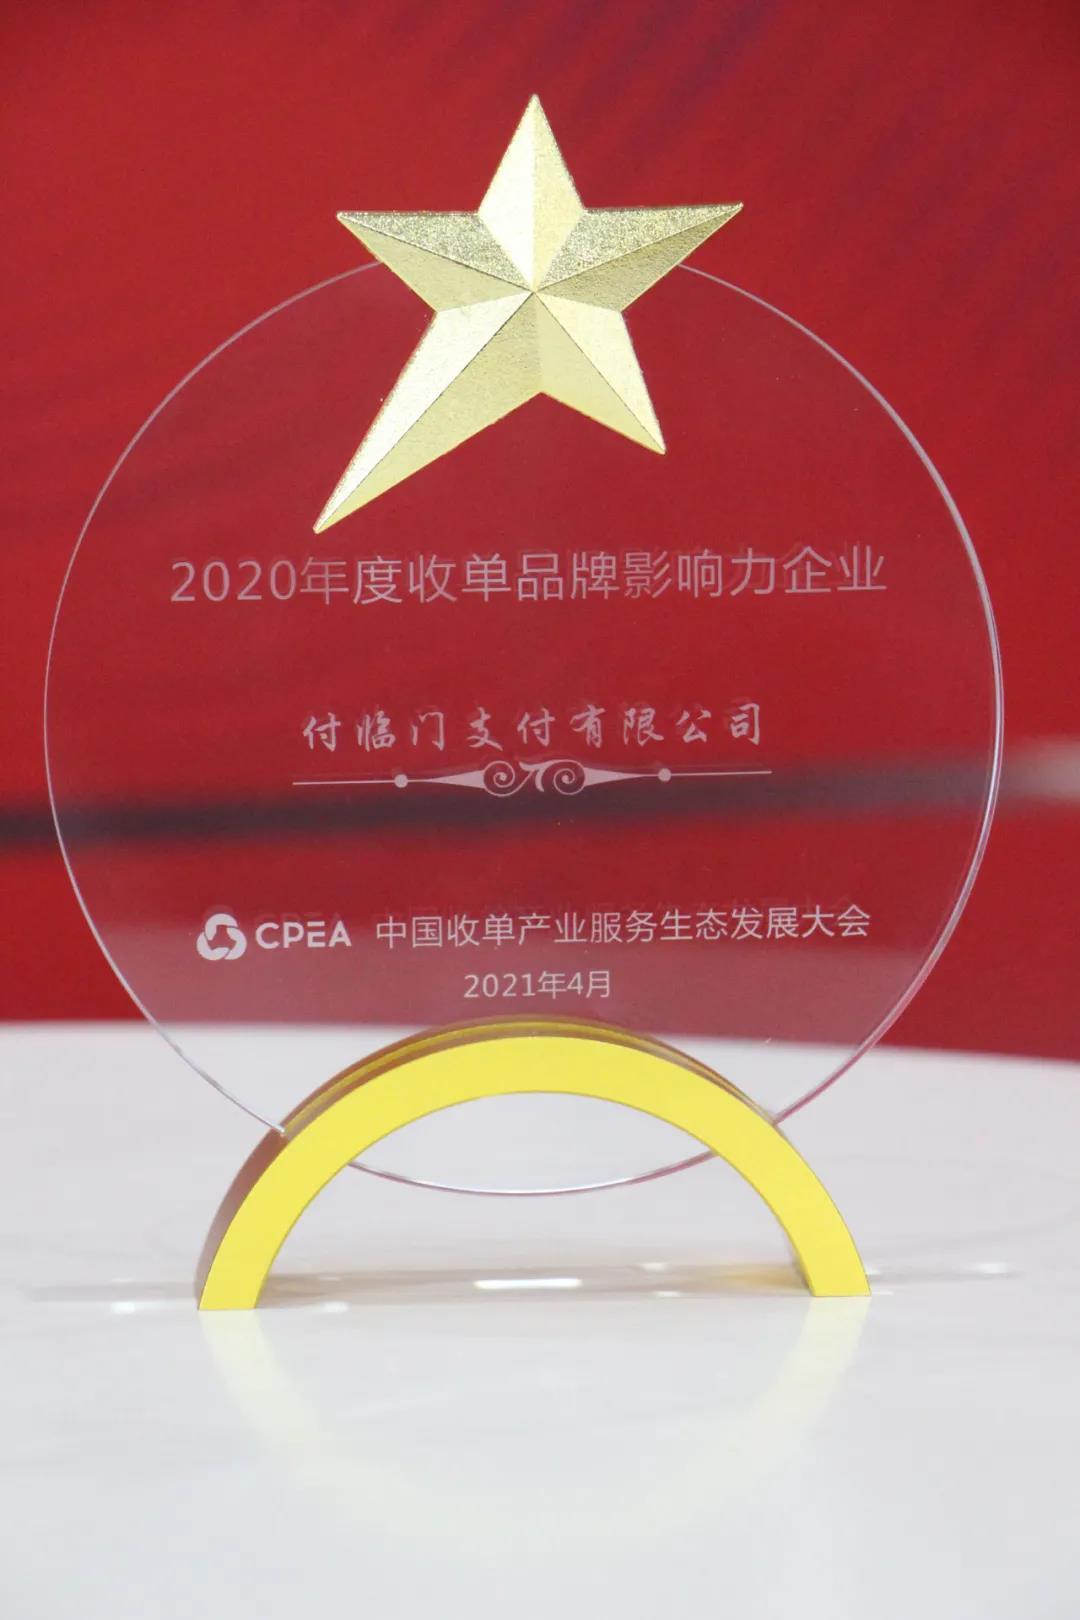 """付临门荣获""""2020年度收单品牌影响力企业""""称号"""